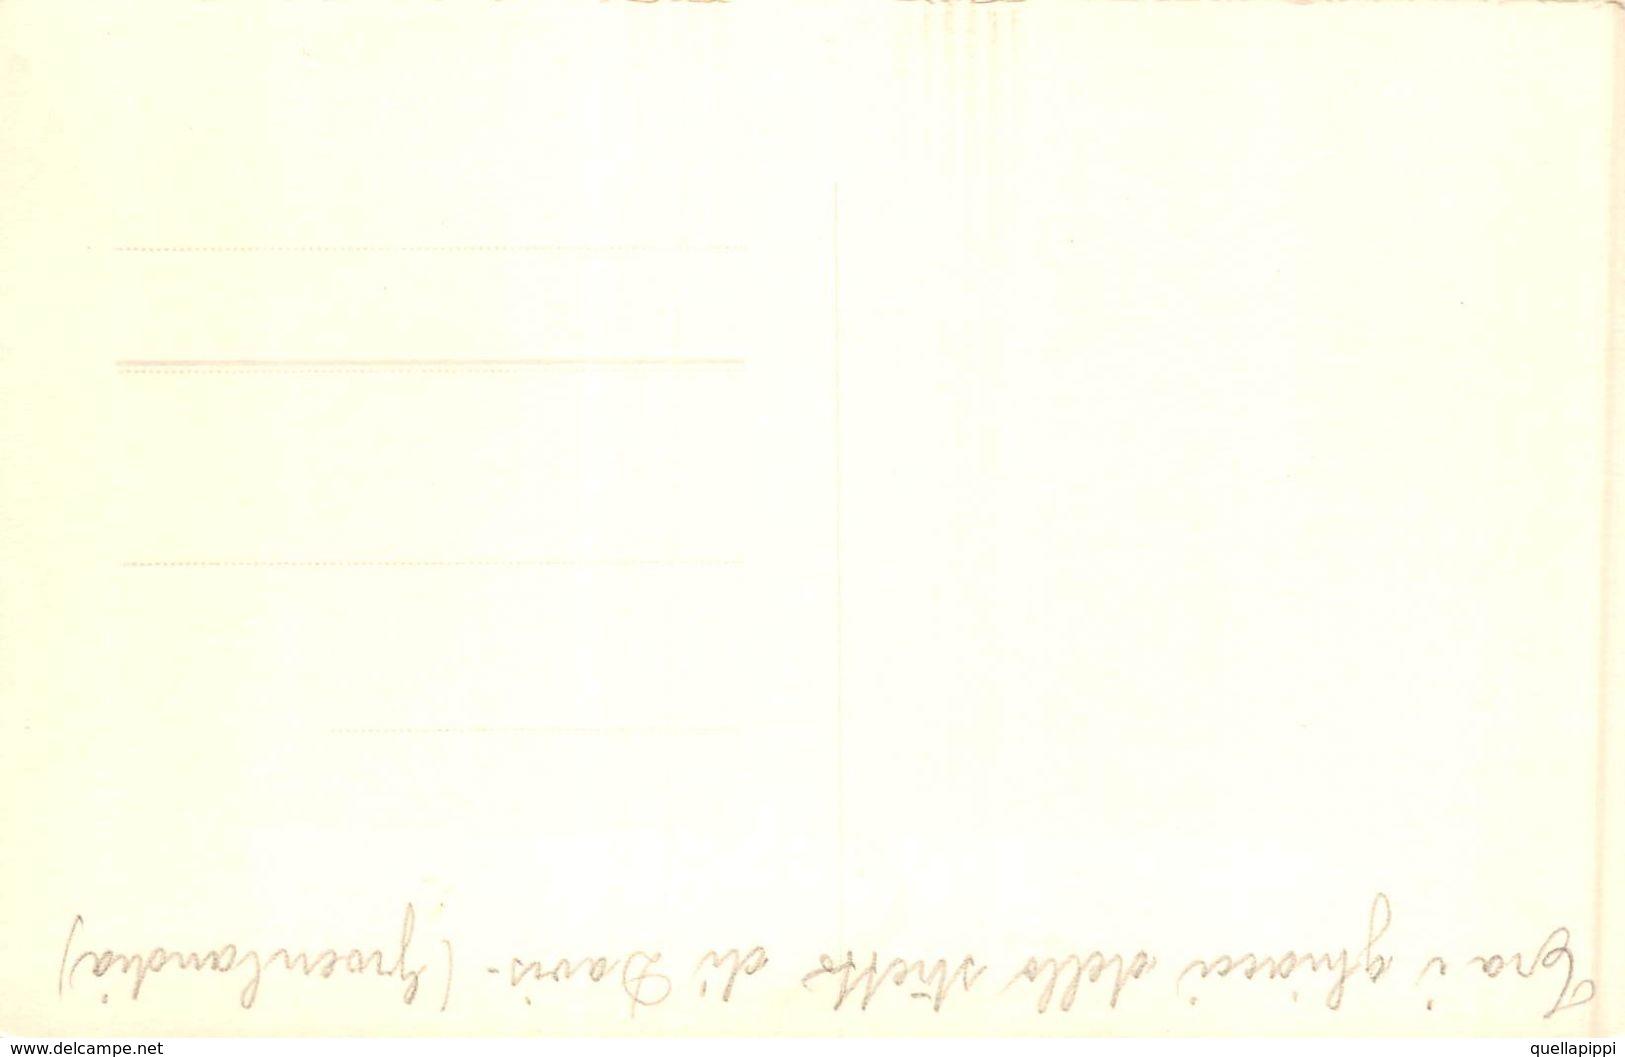 """07614 """"GROELLANDIA - TRA I GHIACCI DELLO STRETTO DI DAVIS""""  CART  NON SPED - Groenlandia"""